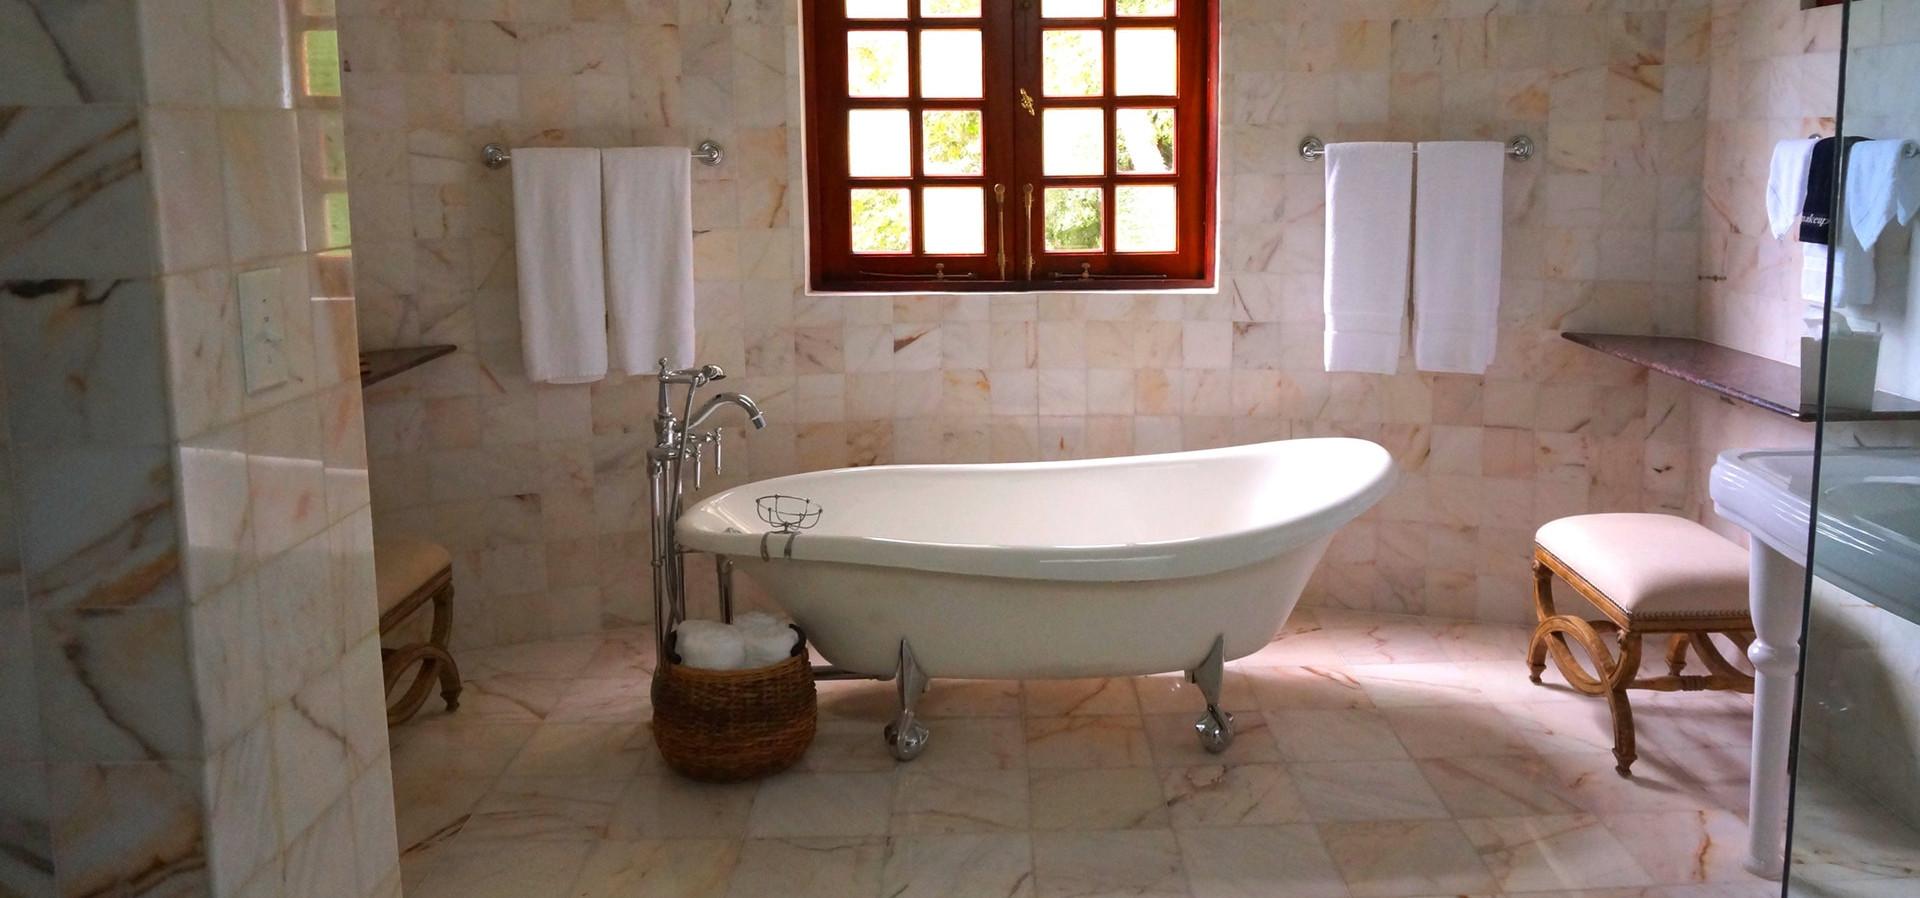 Jak Zaprojektować łazienkę Artykuł Artino Studio Gorzów